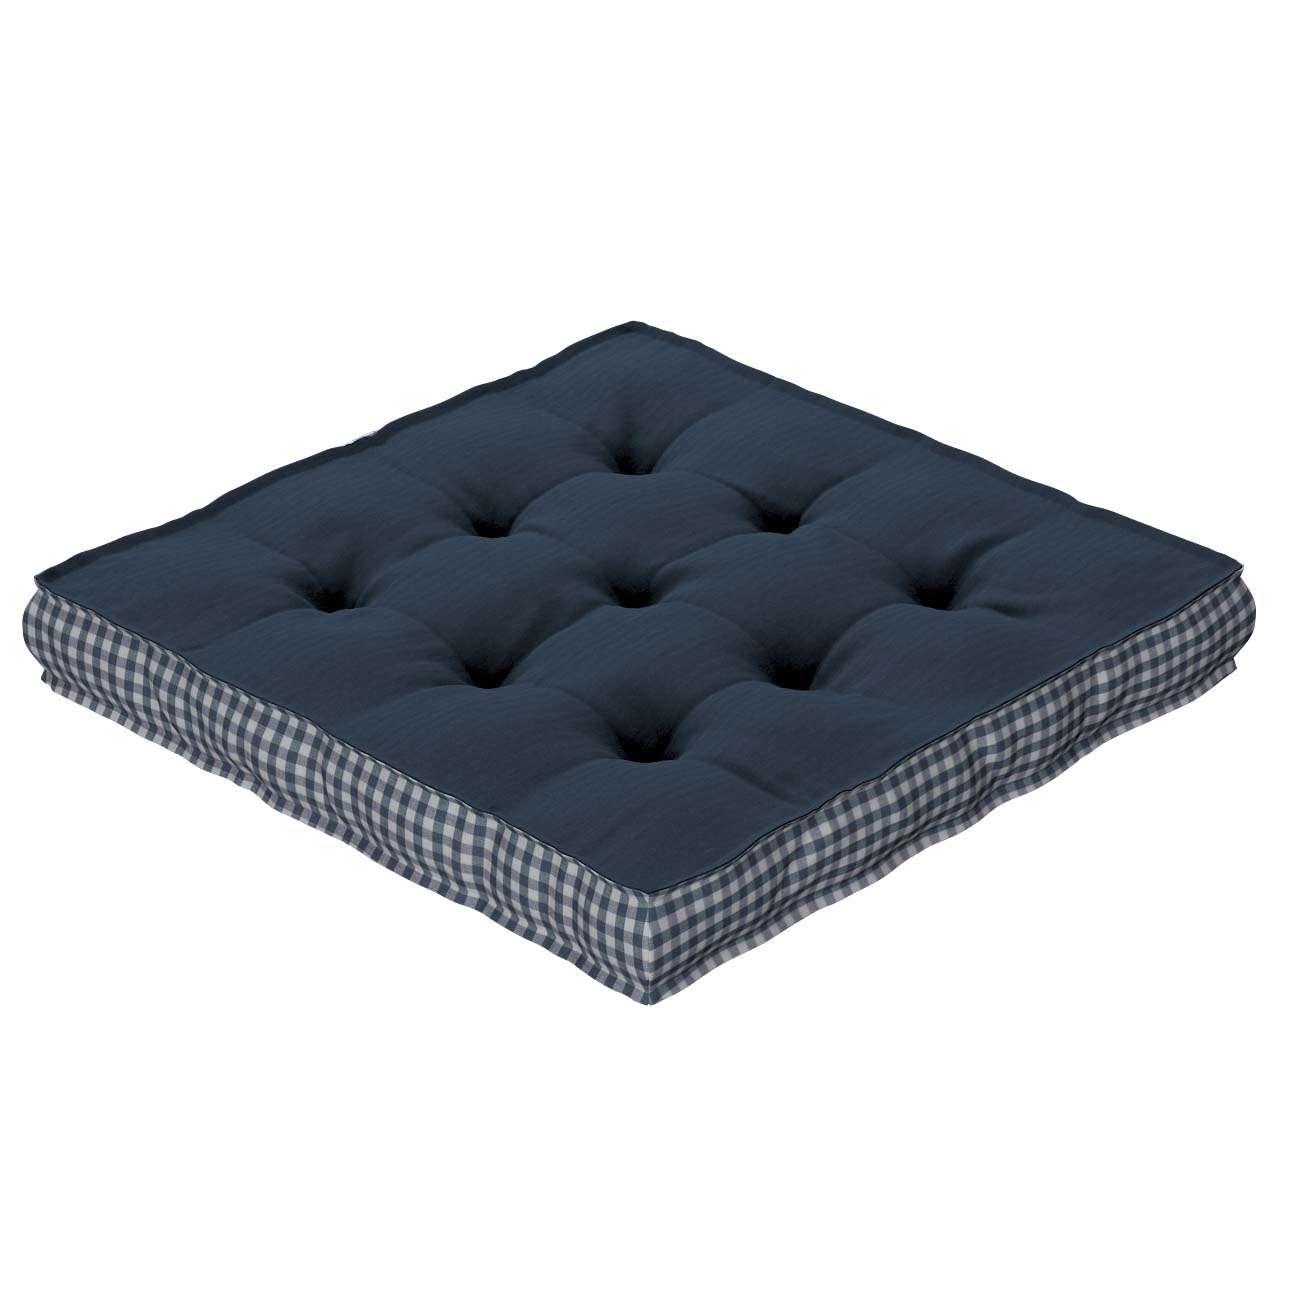 Pagalvėlė Kuba kėdei/ant grindų 40 x 40 x 6 cm kolekcijoje Quadro, audinys: 136-04